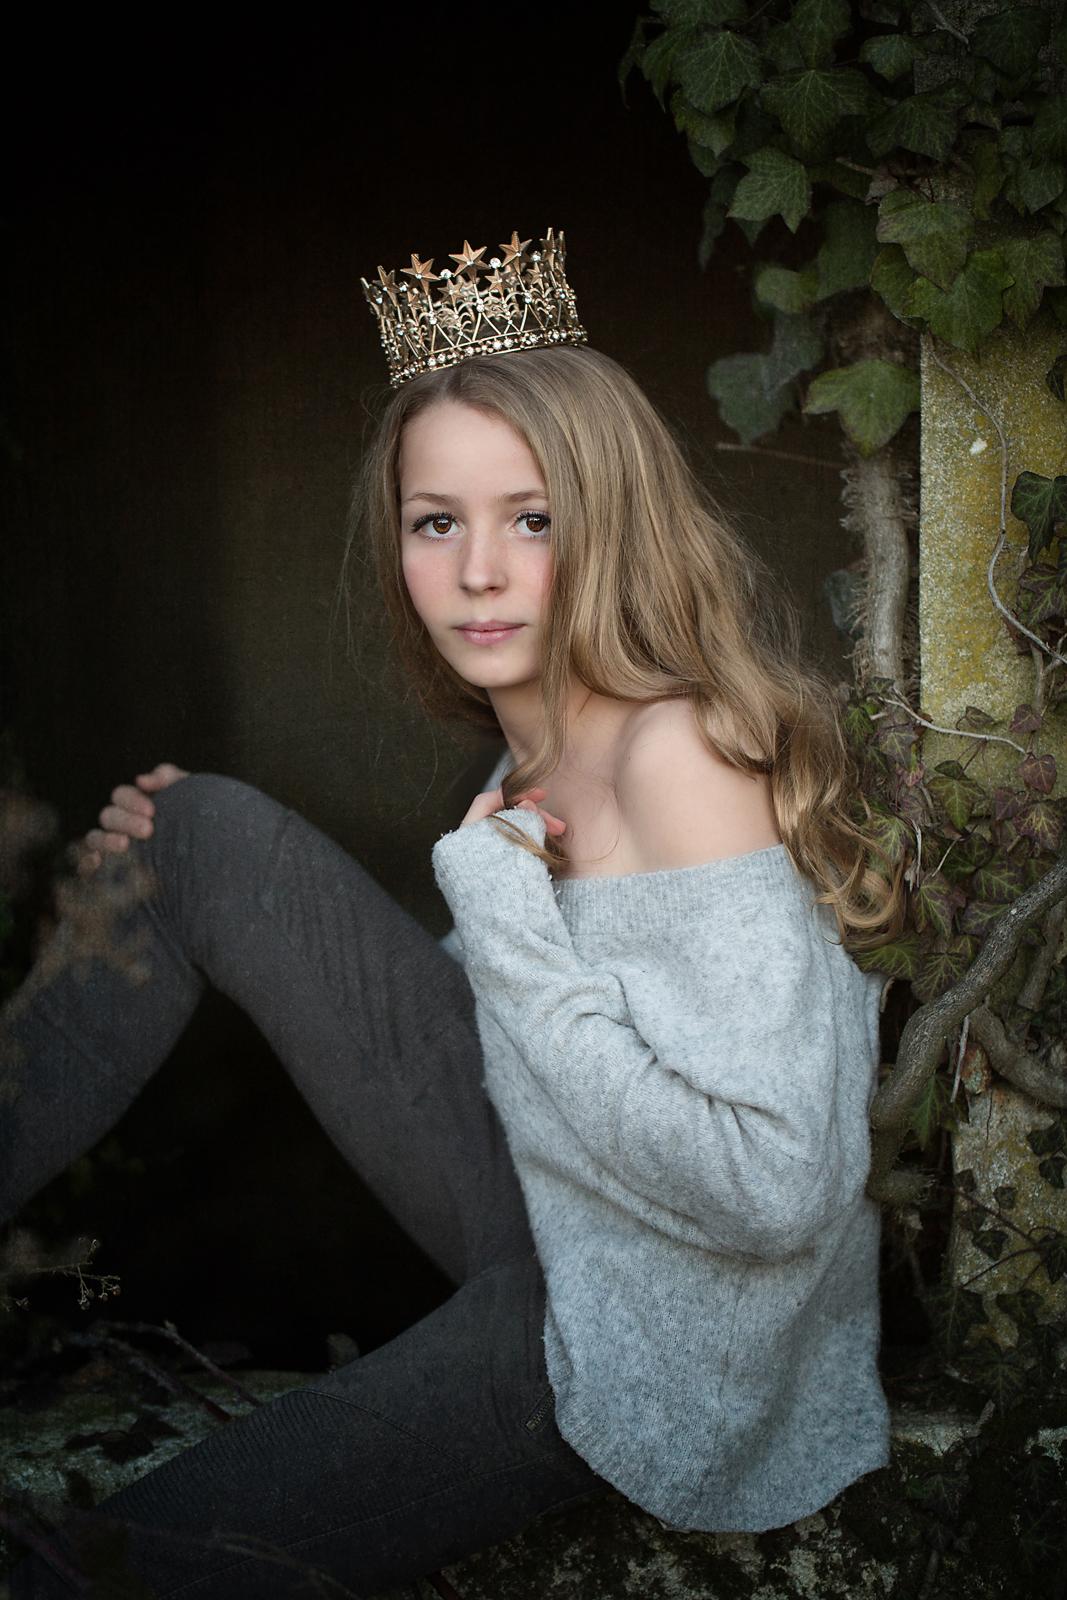 photographe-enfant-new-york-seance-haute-couture-sur-mesure